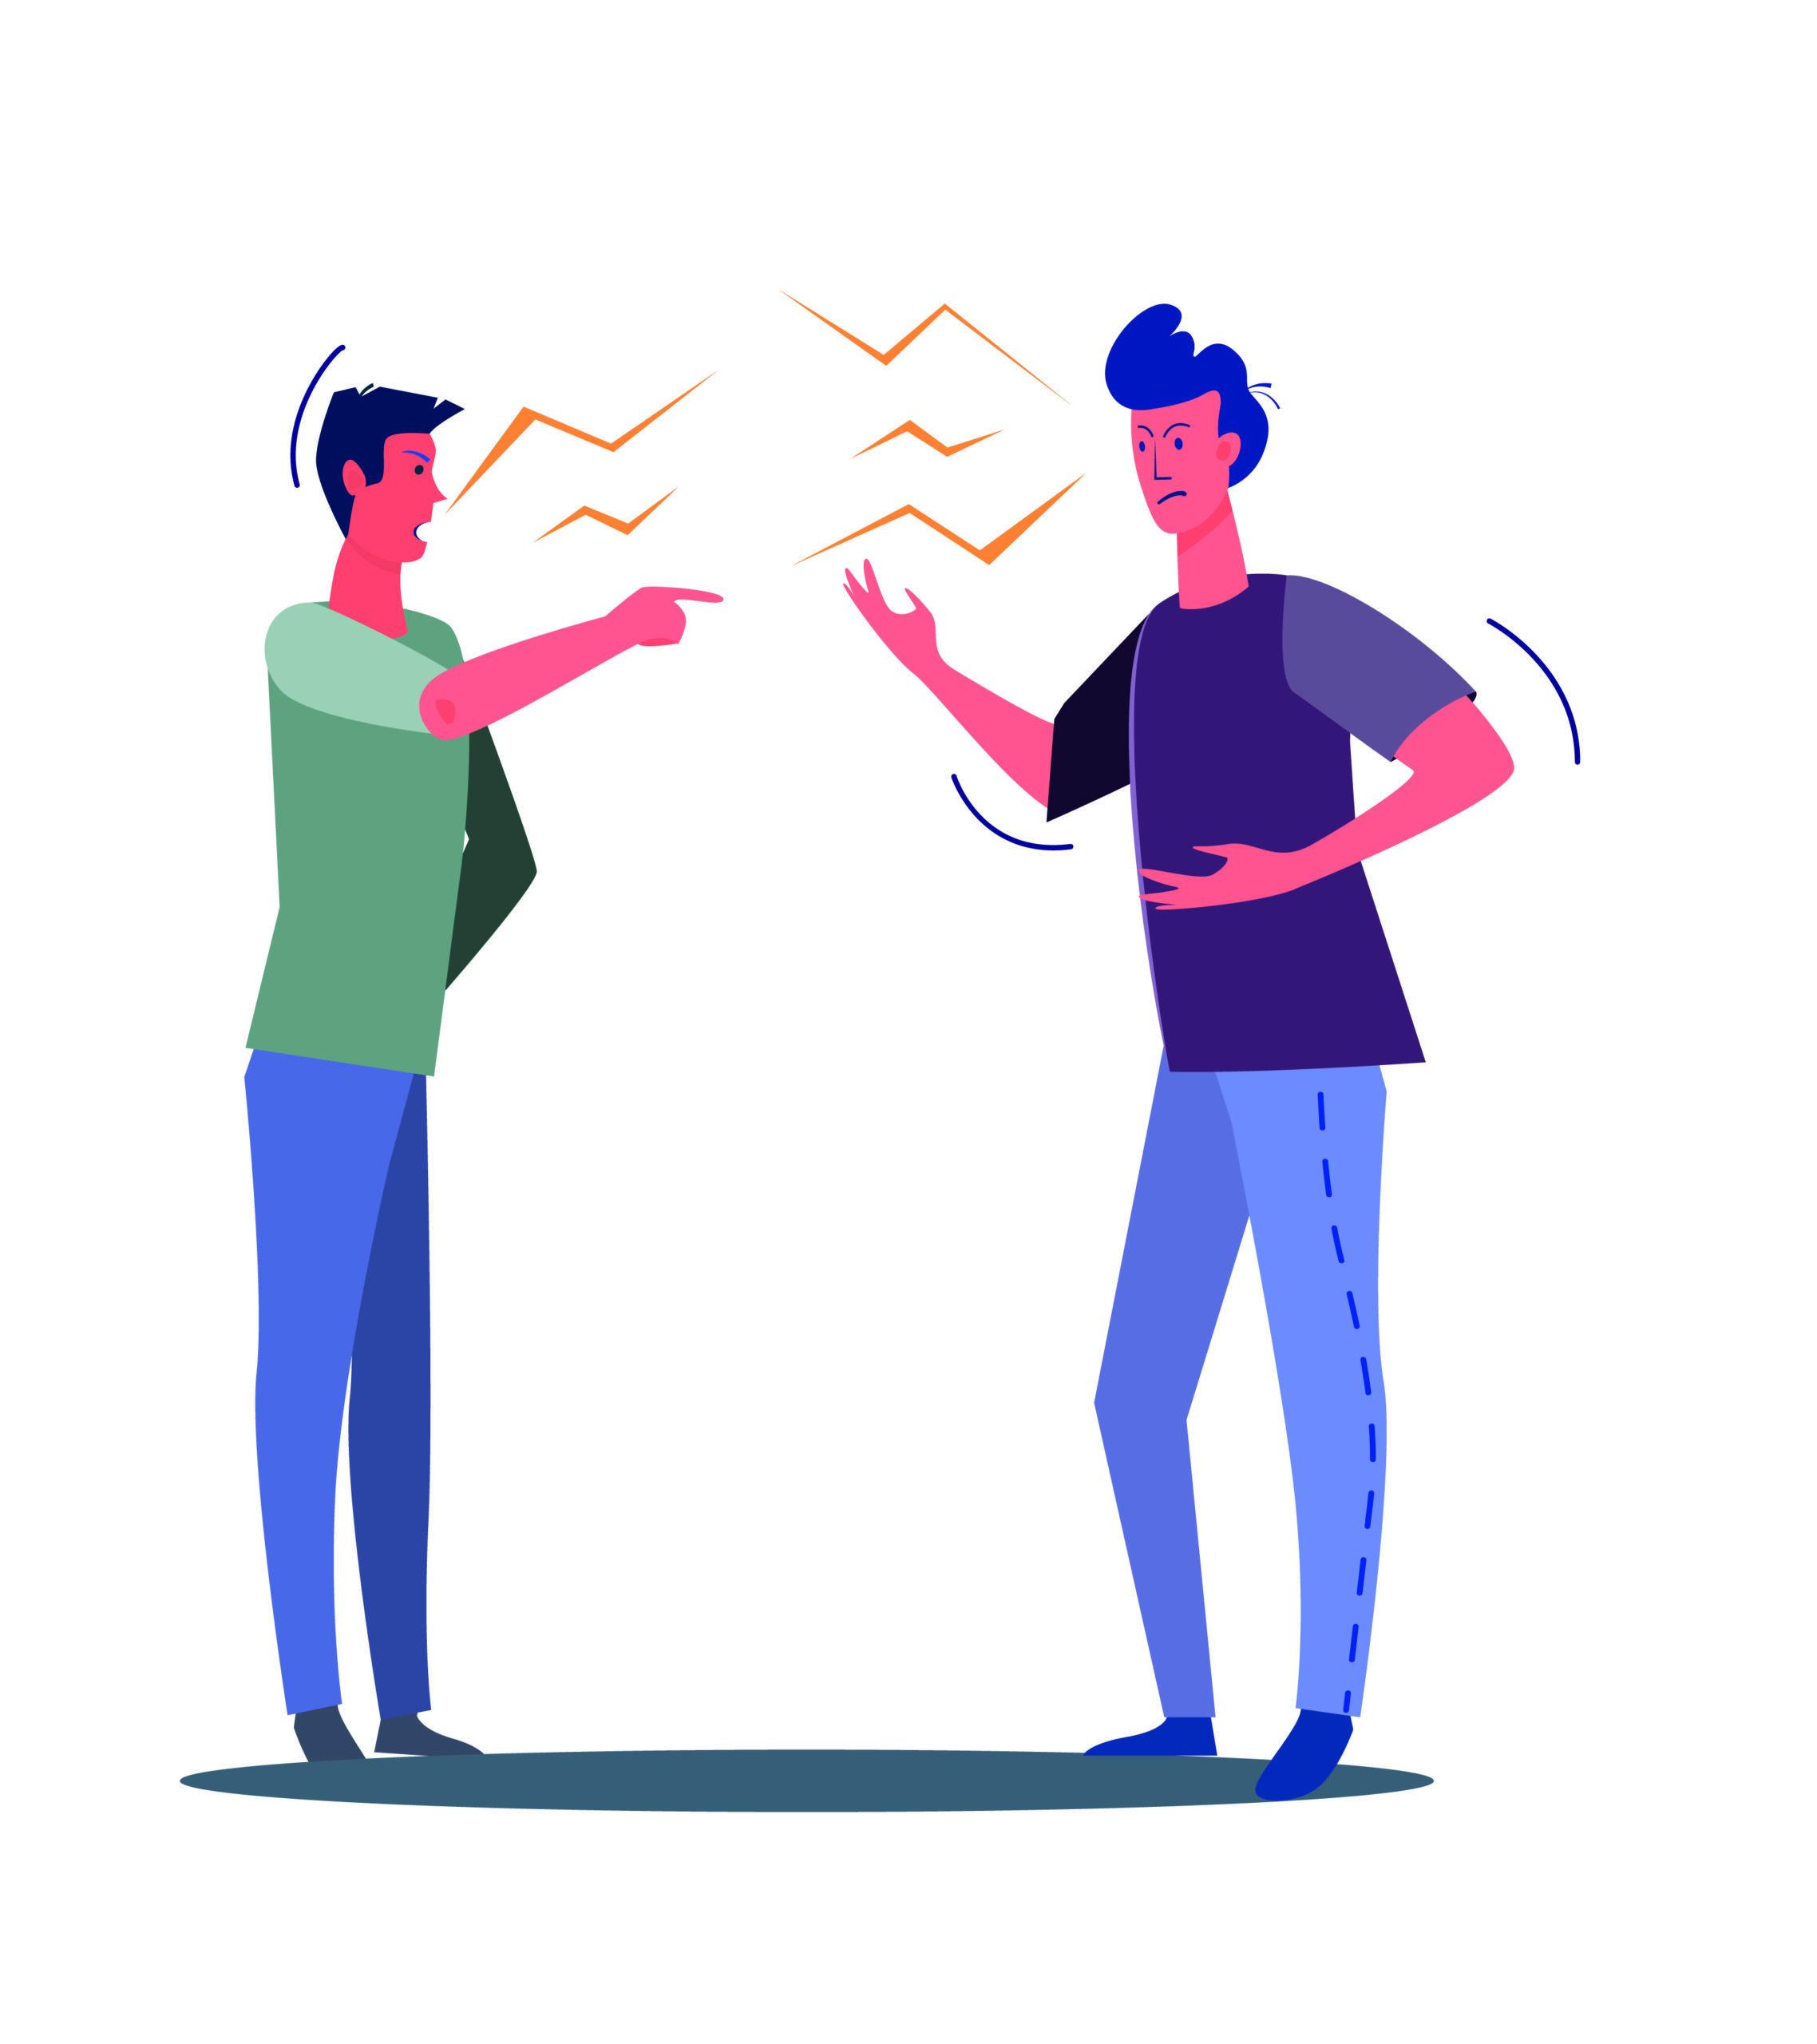 Les relations sociales, outils magnifiques d'introspection personnelle